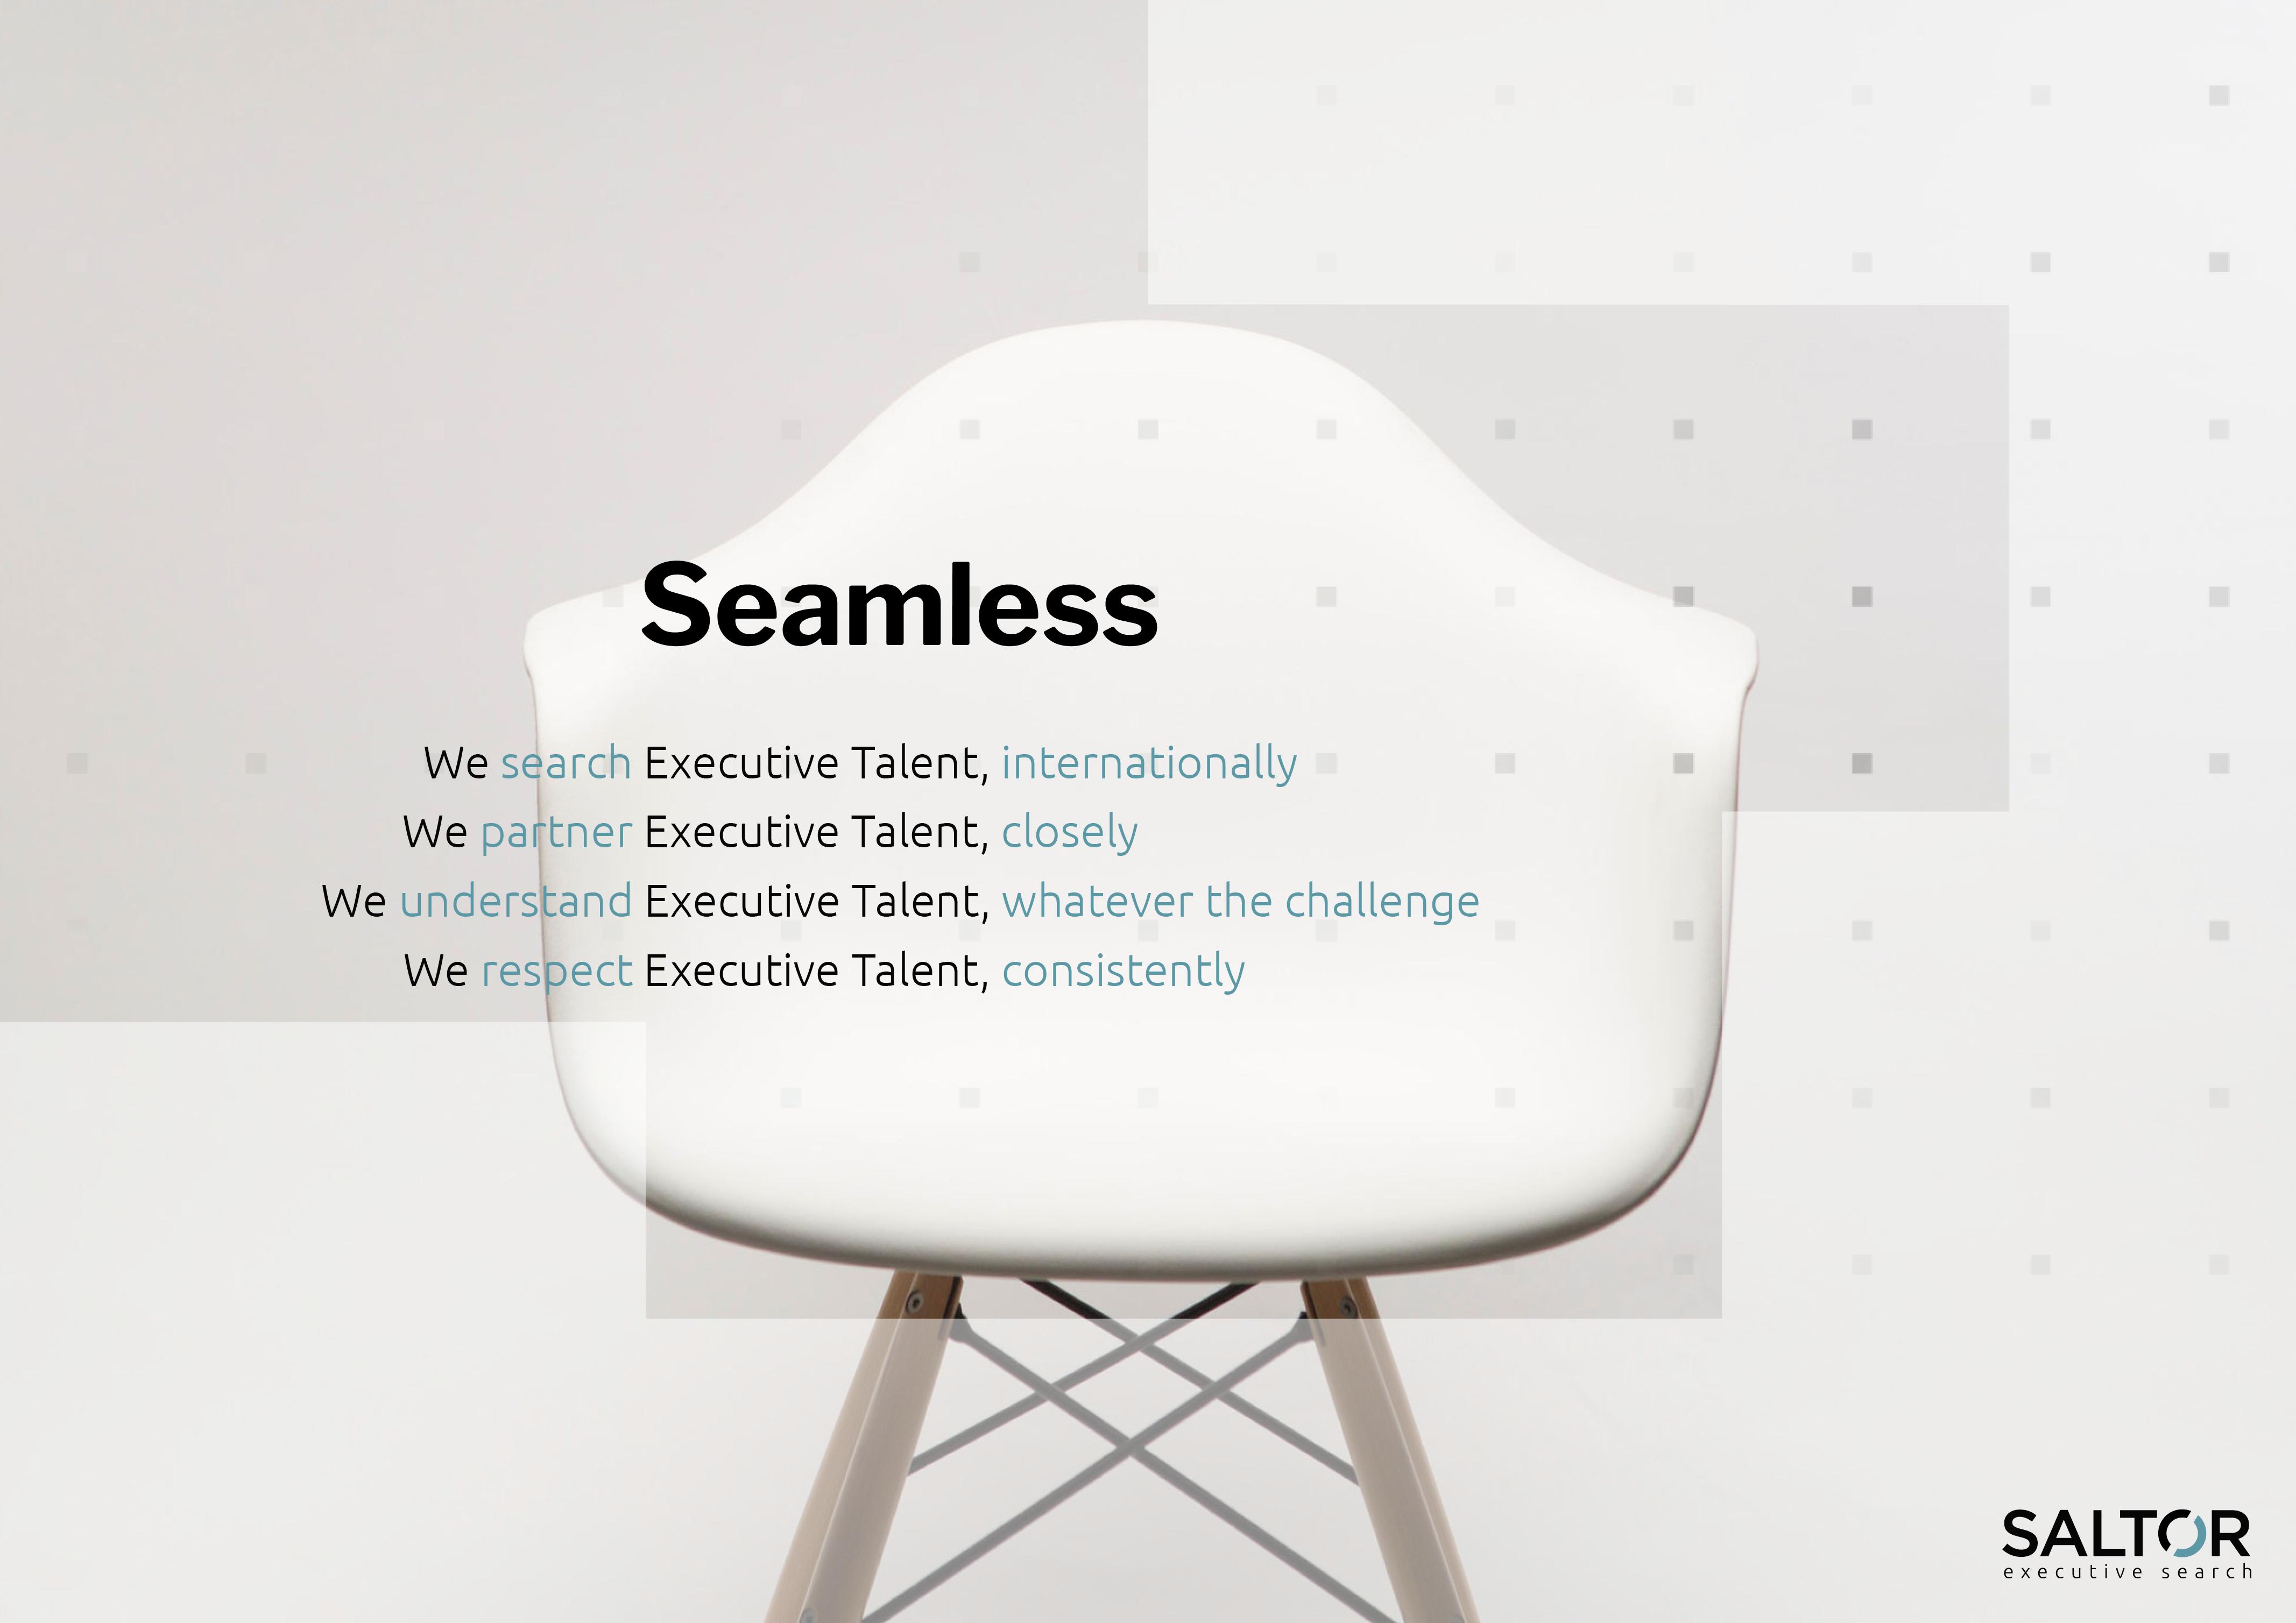 """Una disruptiva metodología de búsqueda talento ejecutivo: """"Seamless from Need to Fit"""""""